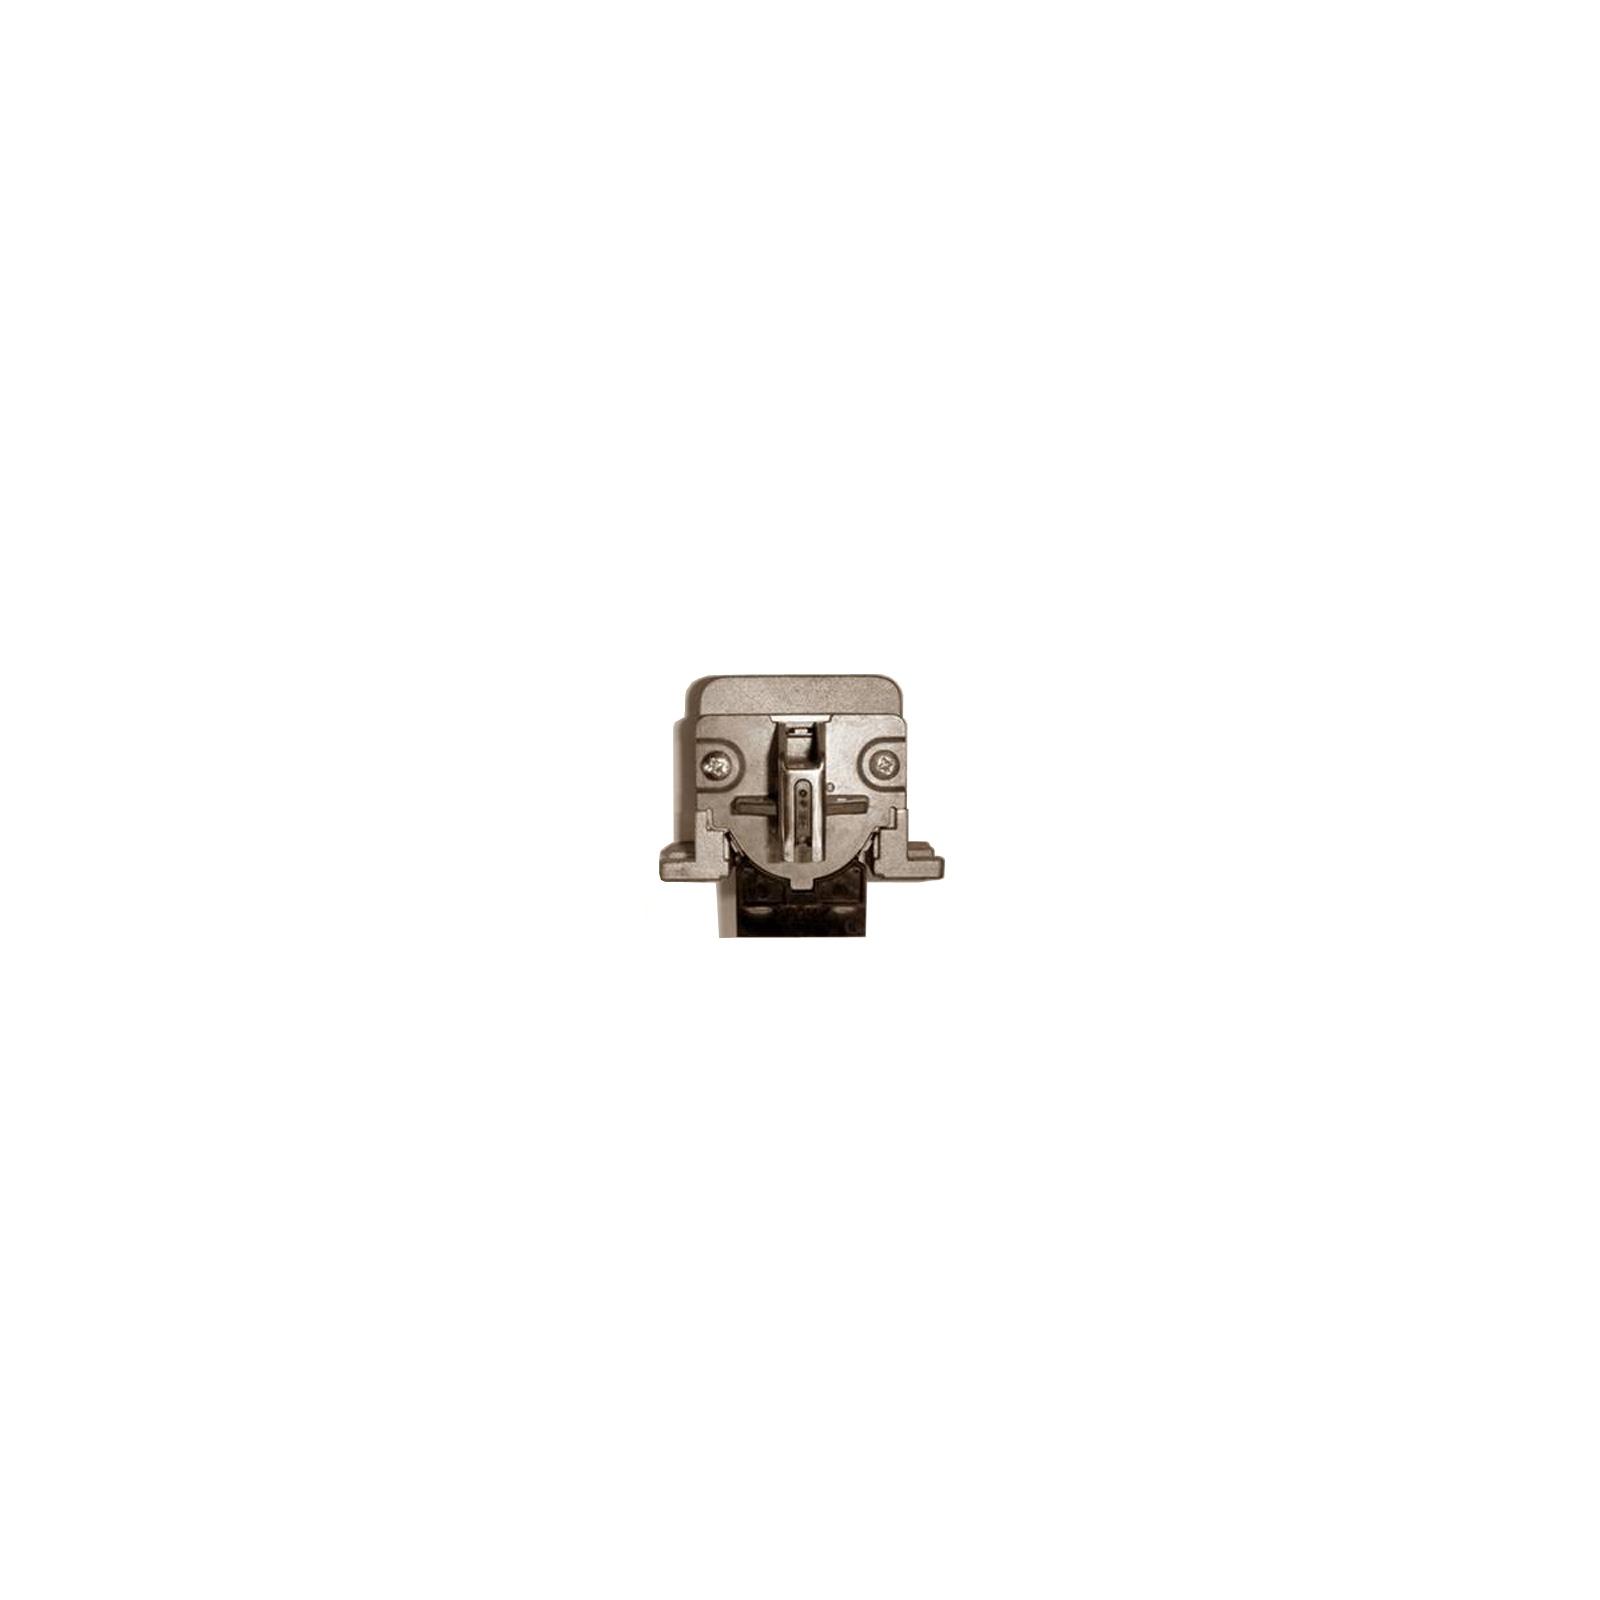 Печатающая головка EPSON FX890/2190 (1267348/1275824) изображение 2